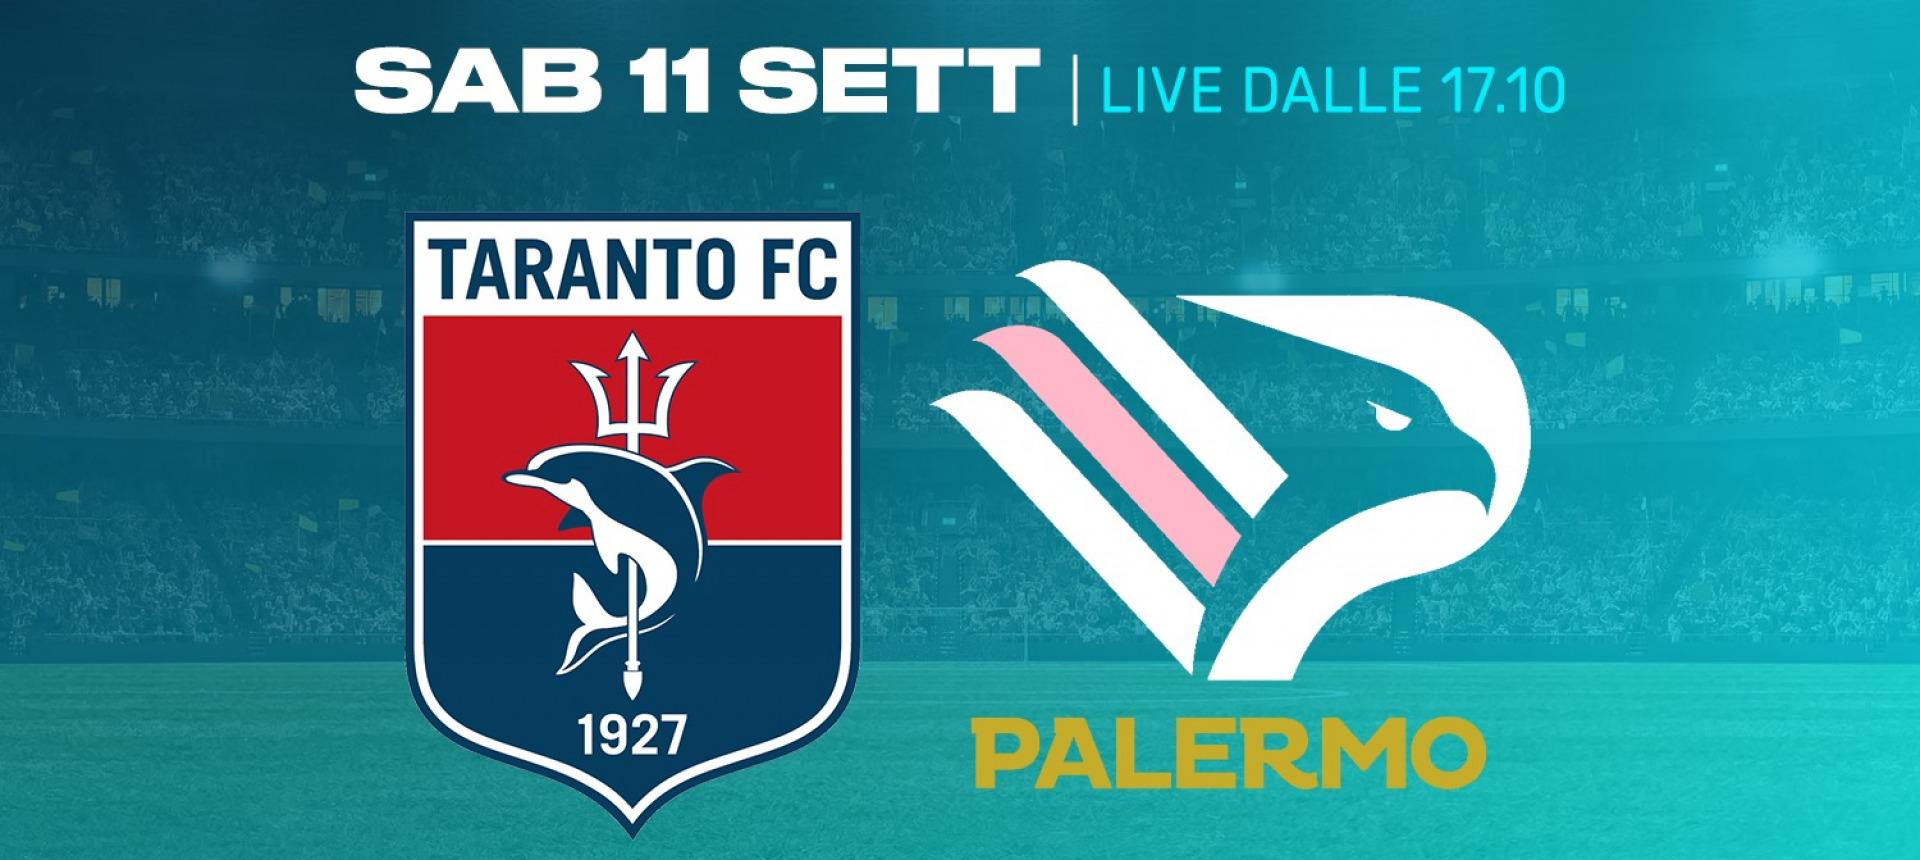 Taranto-Palermo è match of the week di Eleven Sports